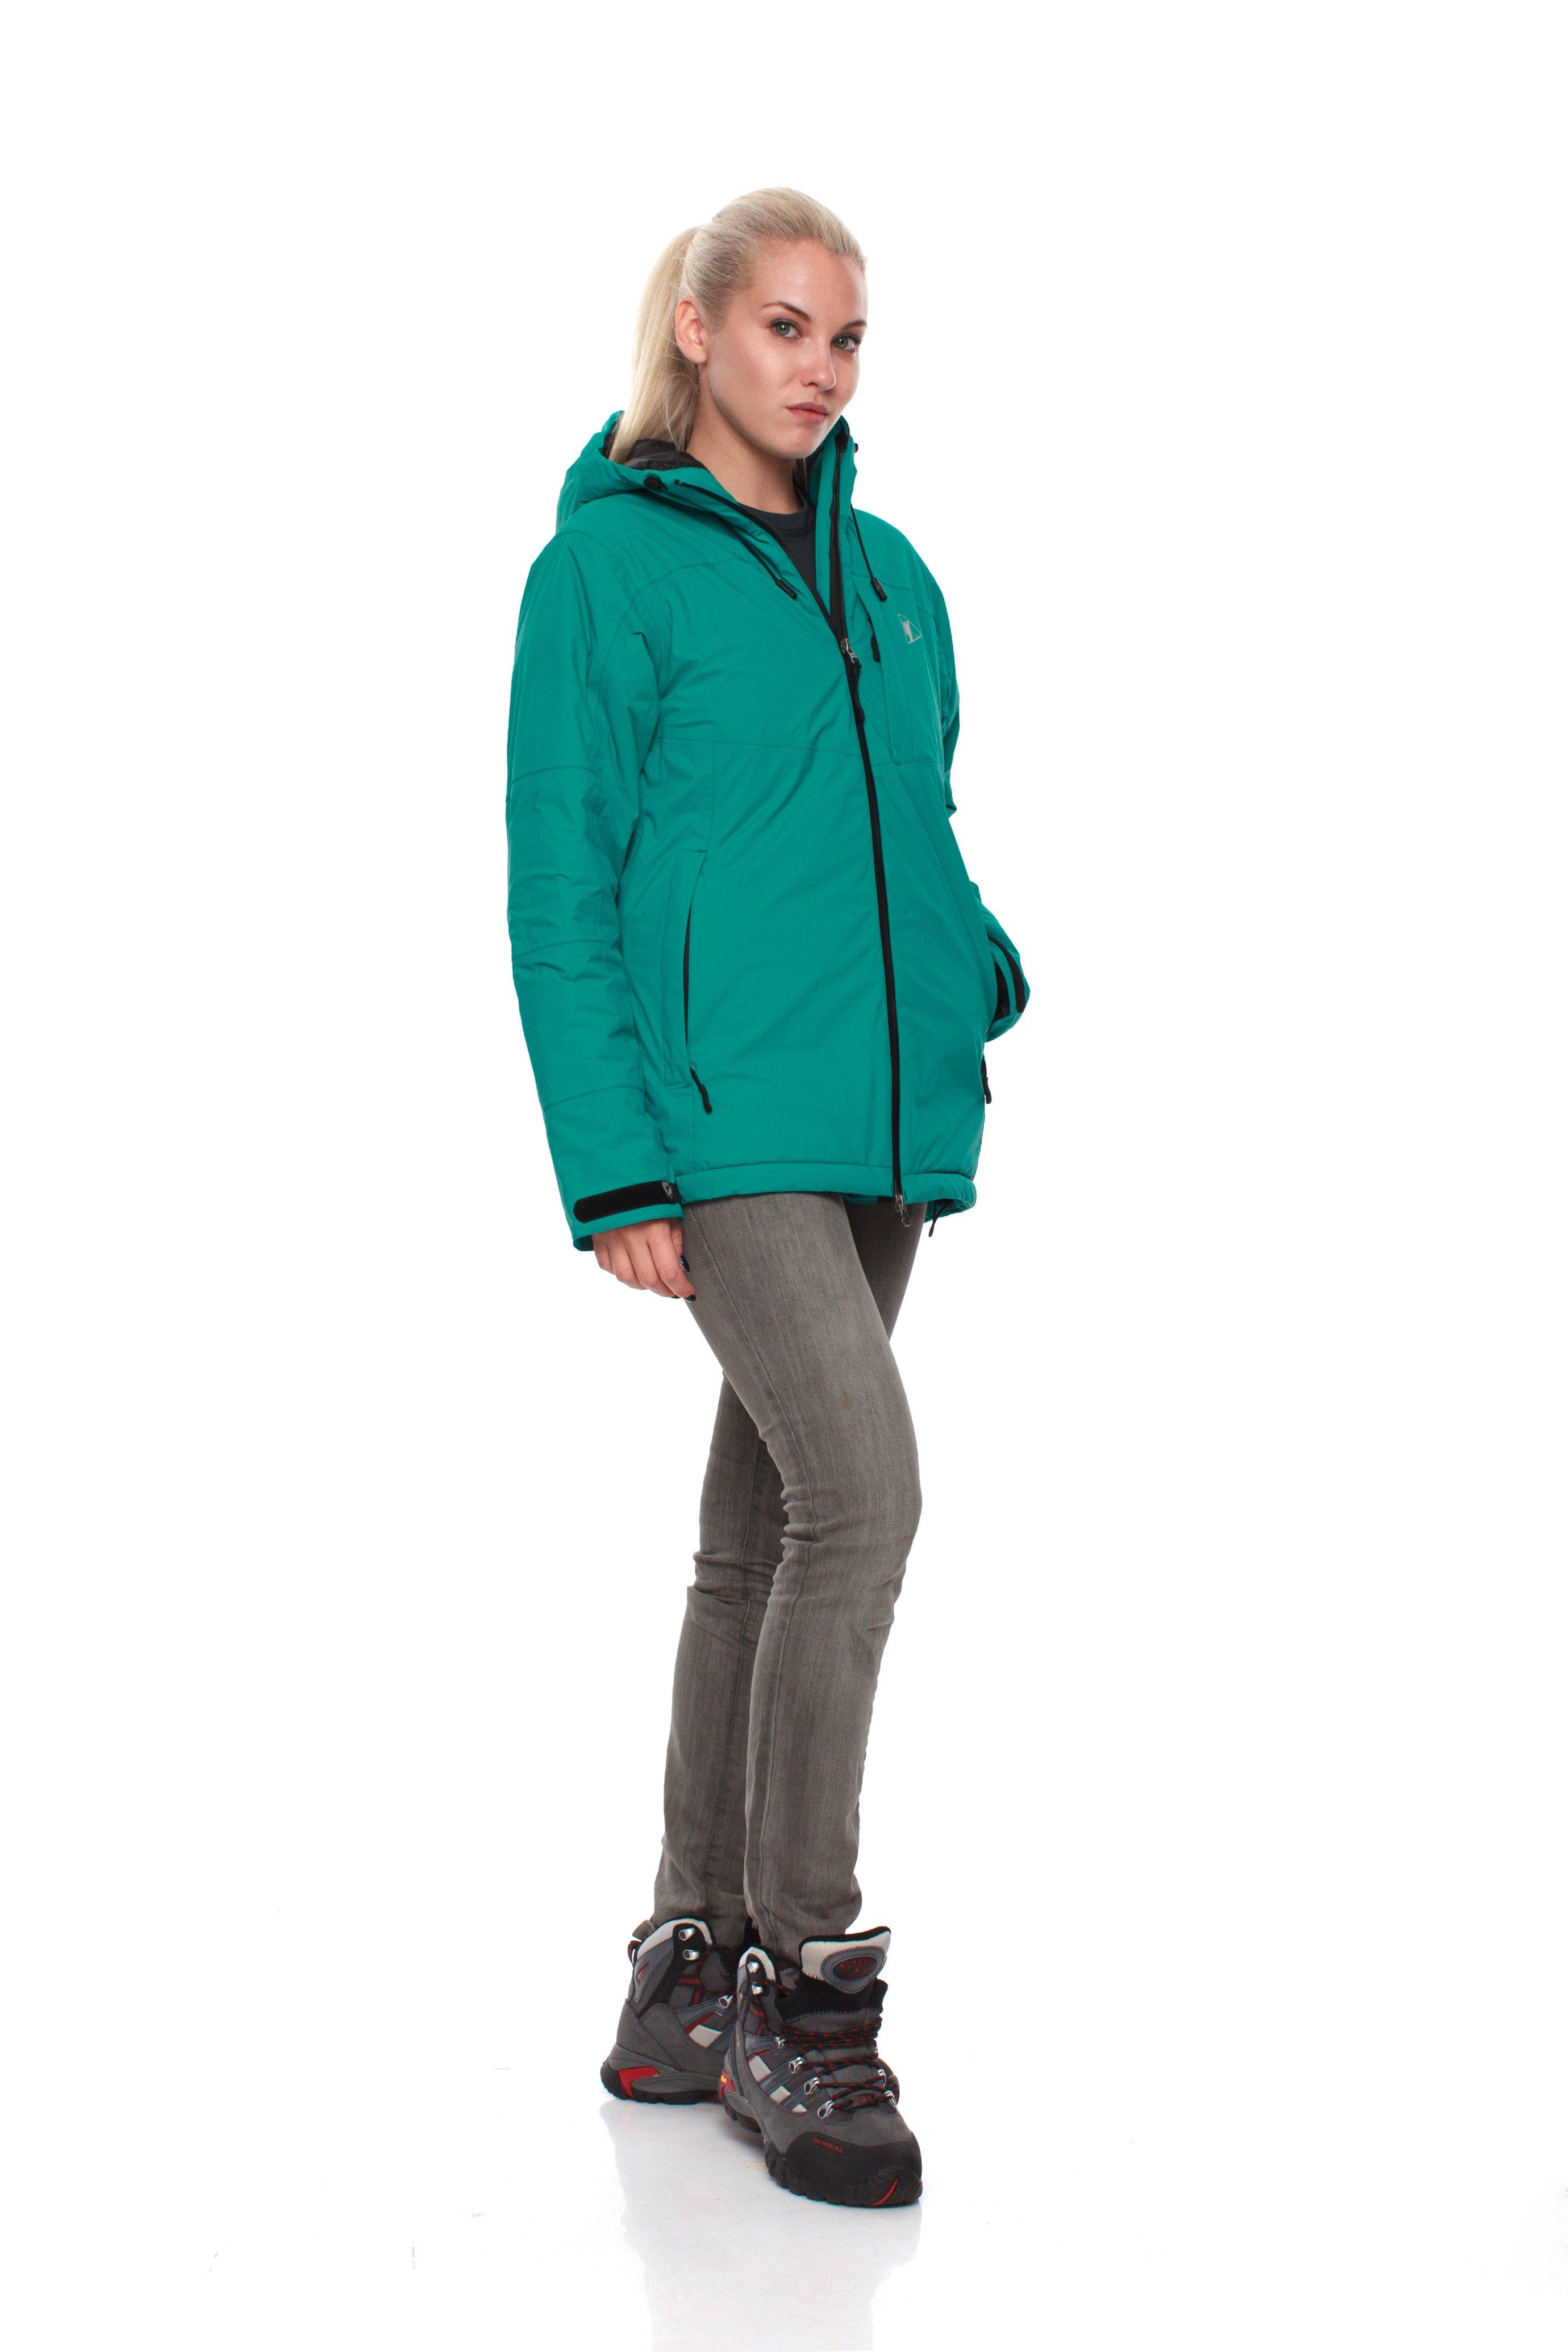 Куртка BASK SHL NARA LADY 3891Куртки<br>Куртка женская универсальная с проклеенными швами. Позволяет в силу хороших дышащих свойств мембраны эксплуатировать куртку от +8 до -15С в условиях повышенной влажности, дожде и мокром снеге.<br><br>Верхняя ткань: Gelanots® 2L<br>Вес граммы: 730<br>Ветро-влагозащитные свойства верхней ткани: Да<br>Ветрозащитная планка: Да<br>Ветрозащитная юбка: Нет<br>Влагозащитные молнии: Да<br>Внутренние манжеты: Нет<br>Внутренняя ткань: Advance® Classic<br>Водонепроницаемость: 20000<br>Дублирующий центральную молнию клапан: Нет<br>Защитный козырёк капюшона: Да<br>Капюшон: Несъемный<br>Карман для средств связи: Нет<br>Количество внешних карманов: 3<br>Количество внутренних карманов: 2<br>Мембрана: Gelanots®<br>Объемный крой локтевой зоны: Да<br>Отстёгивающиеся рукава: Нет<br>Паропроницаемость: 15000<br>Пол: Женский<br>Проклейка швов: Да<br>Регулировка манжетов рукавов: Да<br>Регулировка низа: Да<br>Регулировка объёма капюшона: Да<br>Регулировка талии: Да<br>Регулируемые вентиляционные отверстия: Нет<br>Световозвращающая лента: Нет<br>Температурный режим: -15<br>Технология Thermal Welding: Нет<br>Технология швов: Проклеены<br>Тип молнии: Двухзамковая влагостойкая<br>Тип утеплителя: Синтетический<br>Усиление контактных зон: Нет<br>Утеплитель: Shelter®Sport<br>Размер INT: L<br>Цвет: КРАСНЫЙ